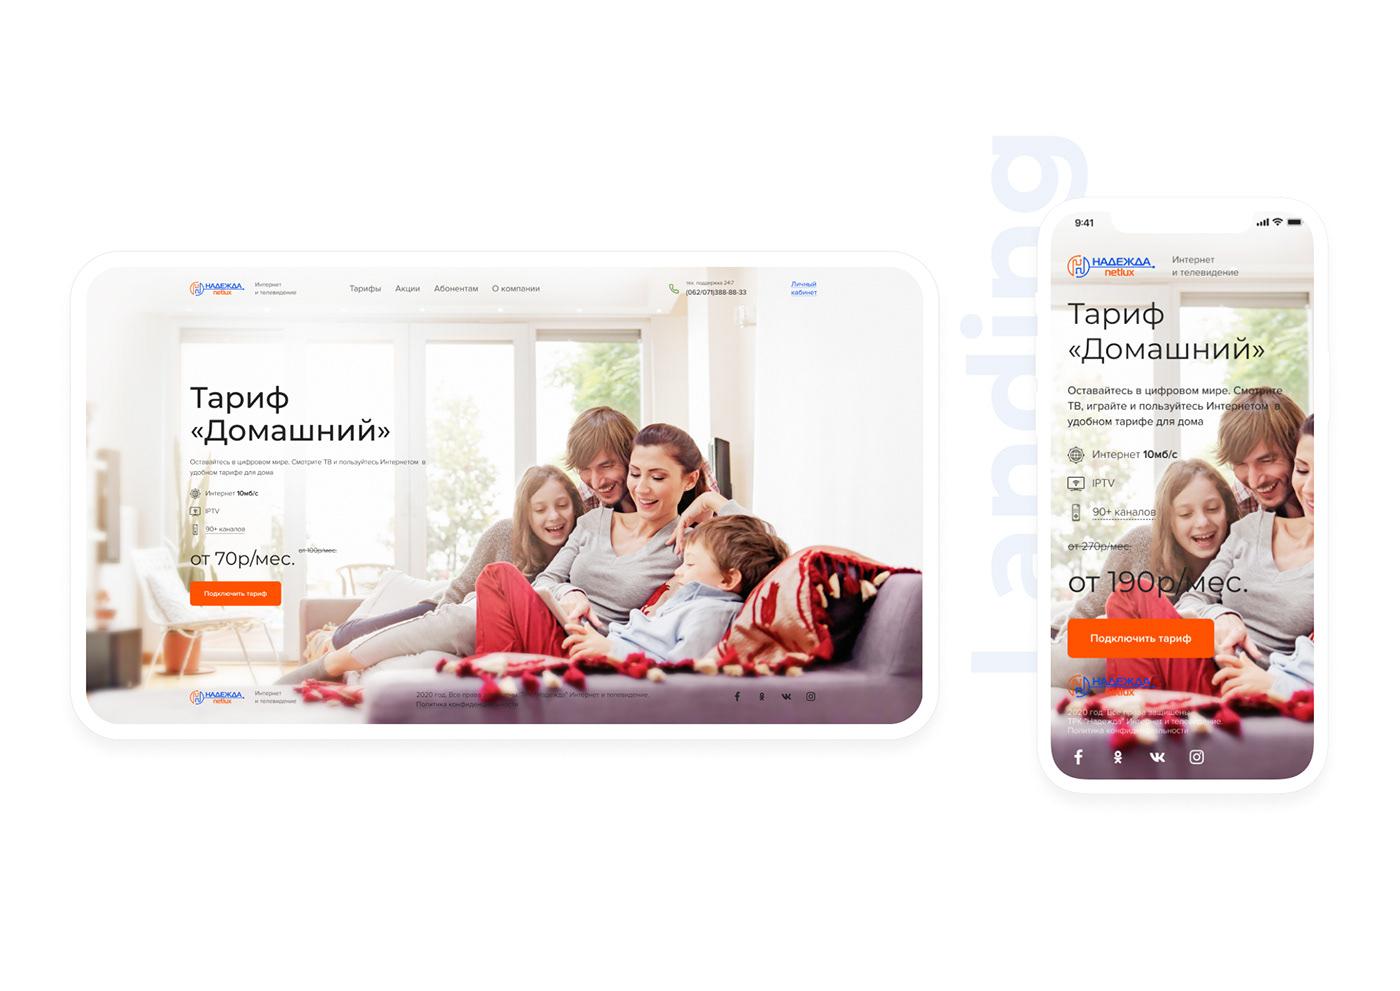 provider Интернет-провайдер провайдер сайт